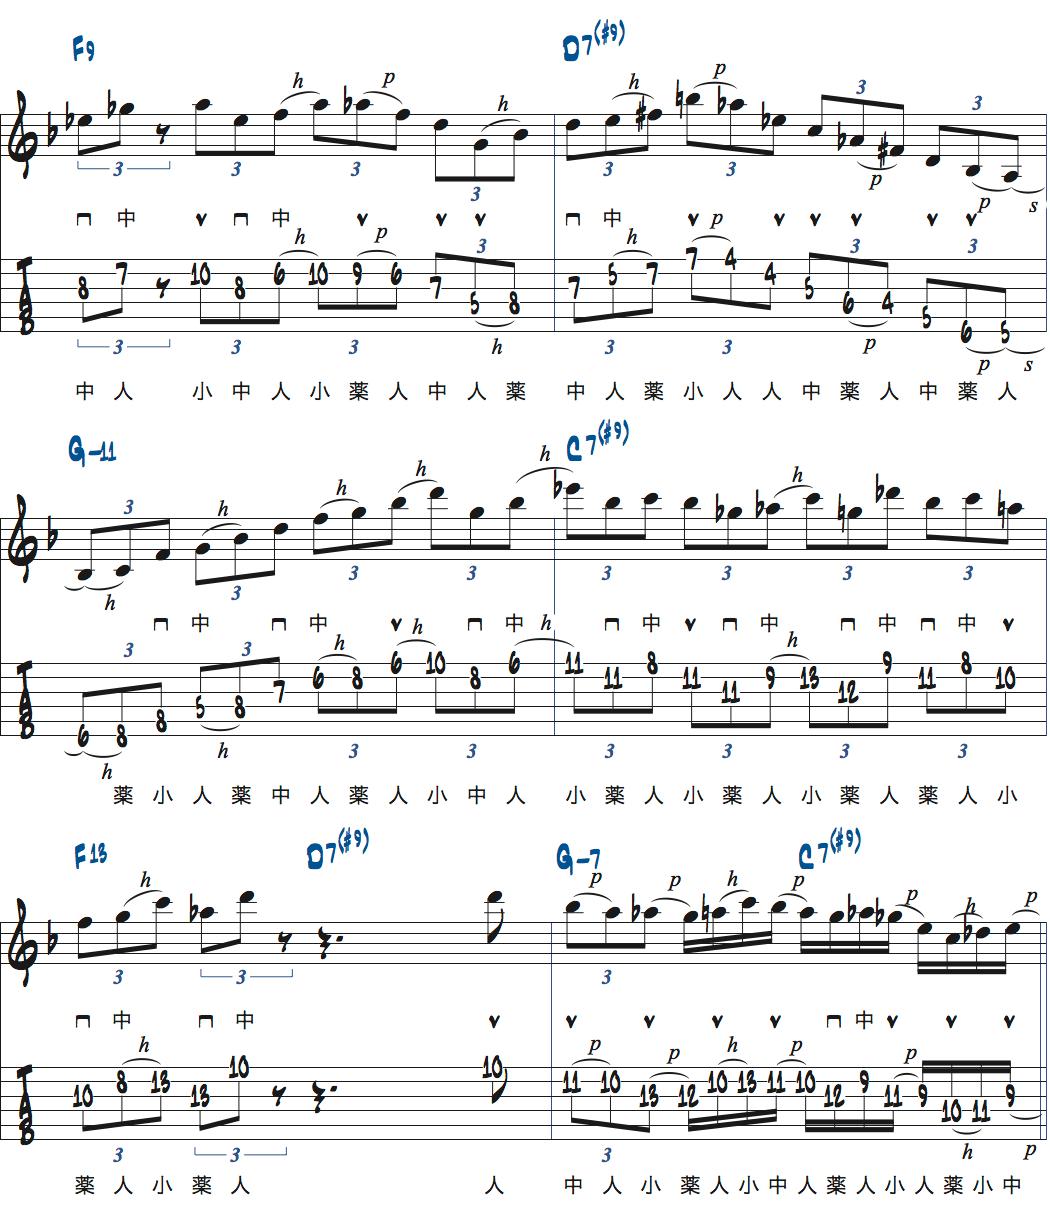 ティム・ミラーのハイブリッド・ピッキングを使ったブルースでのアドリブ3コラース目2ページ目楽譜